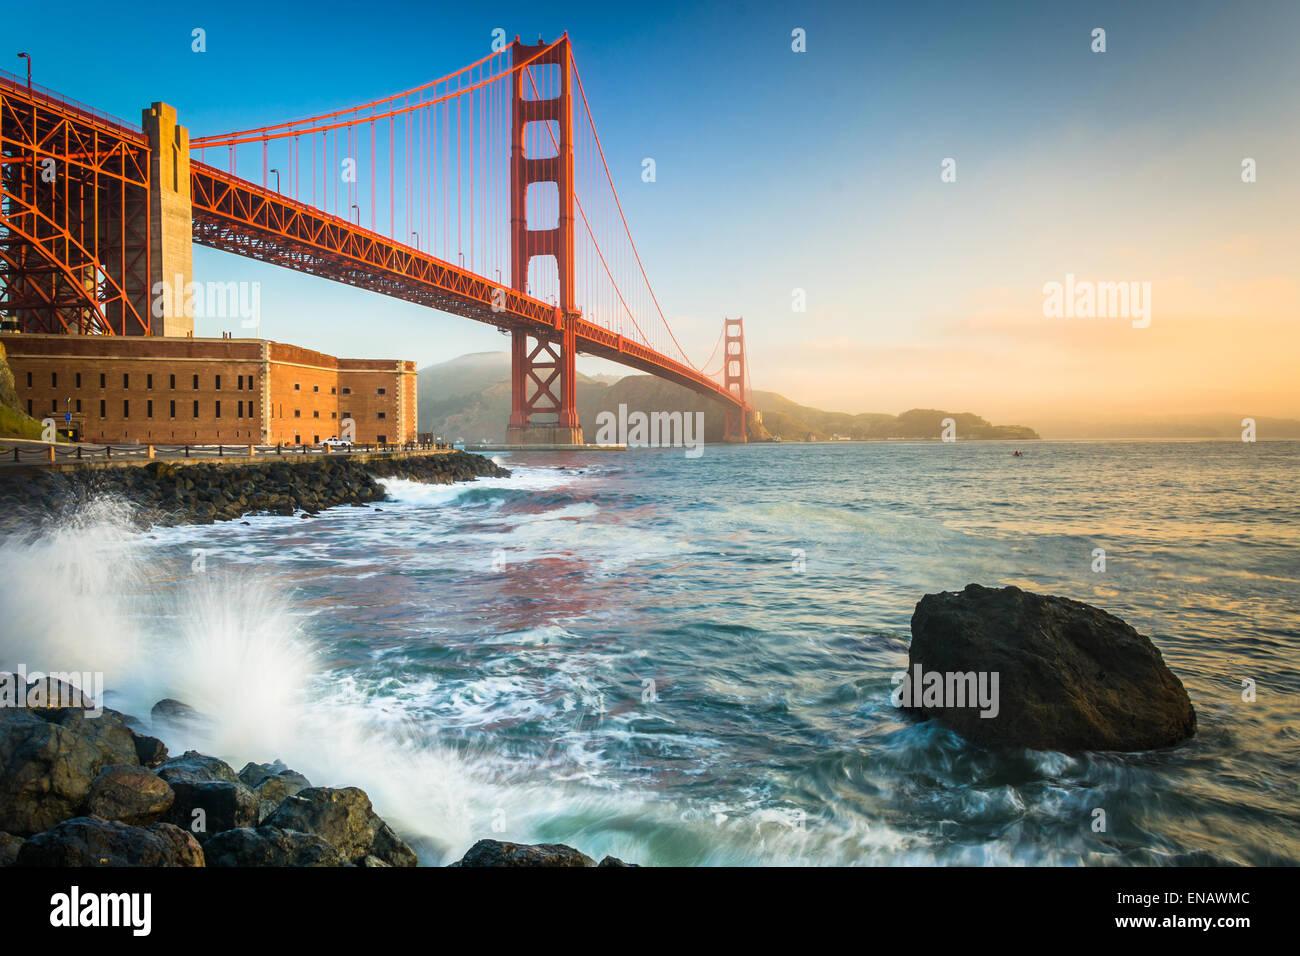 El Puente Golden Gate, visto al amanecer desde Fort Point, San Francisco, California. Imagen De Stock